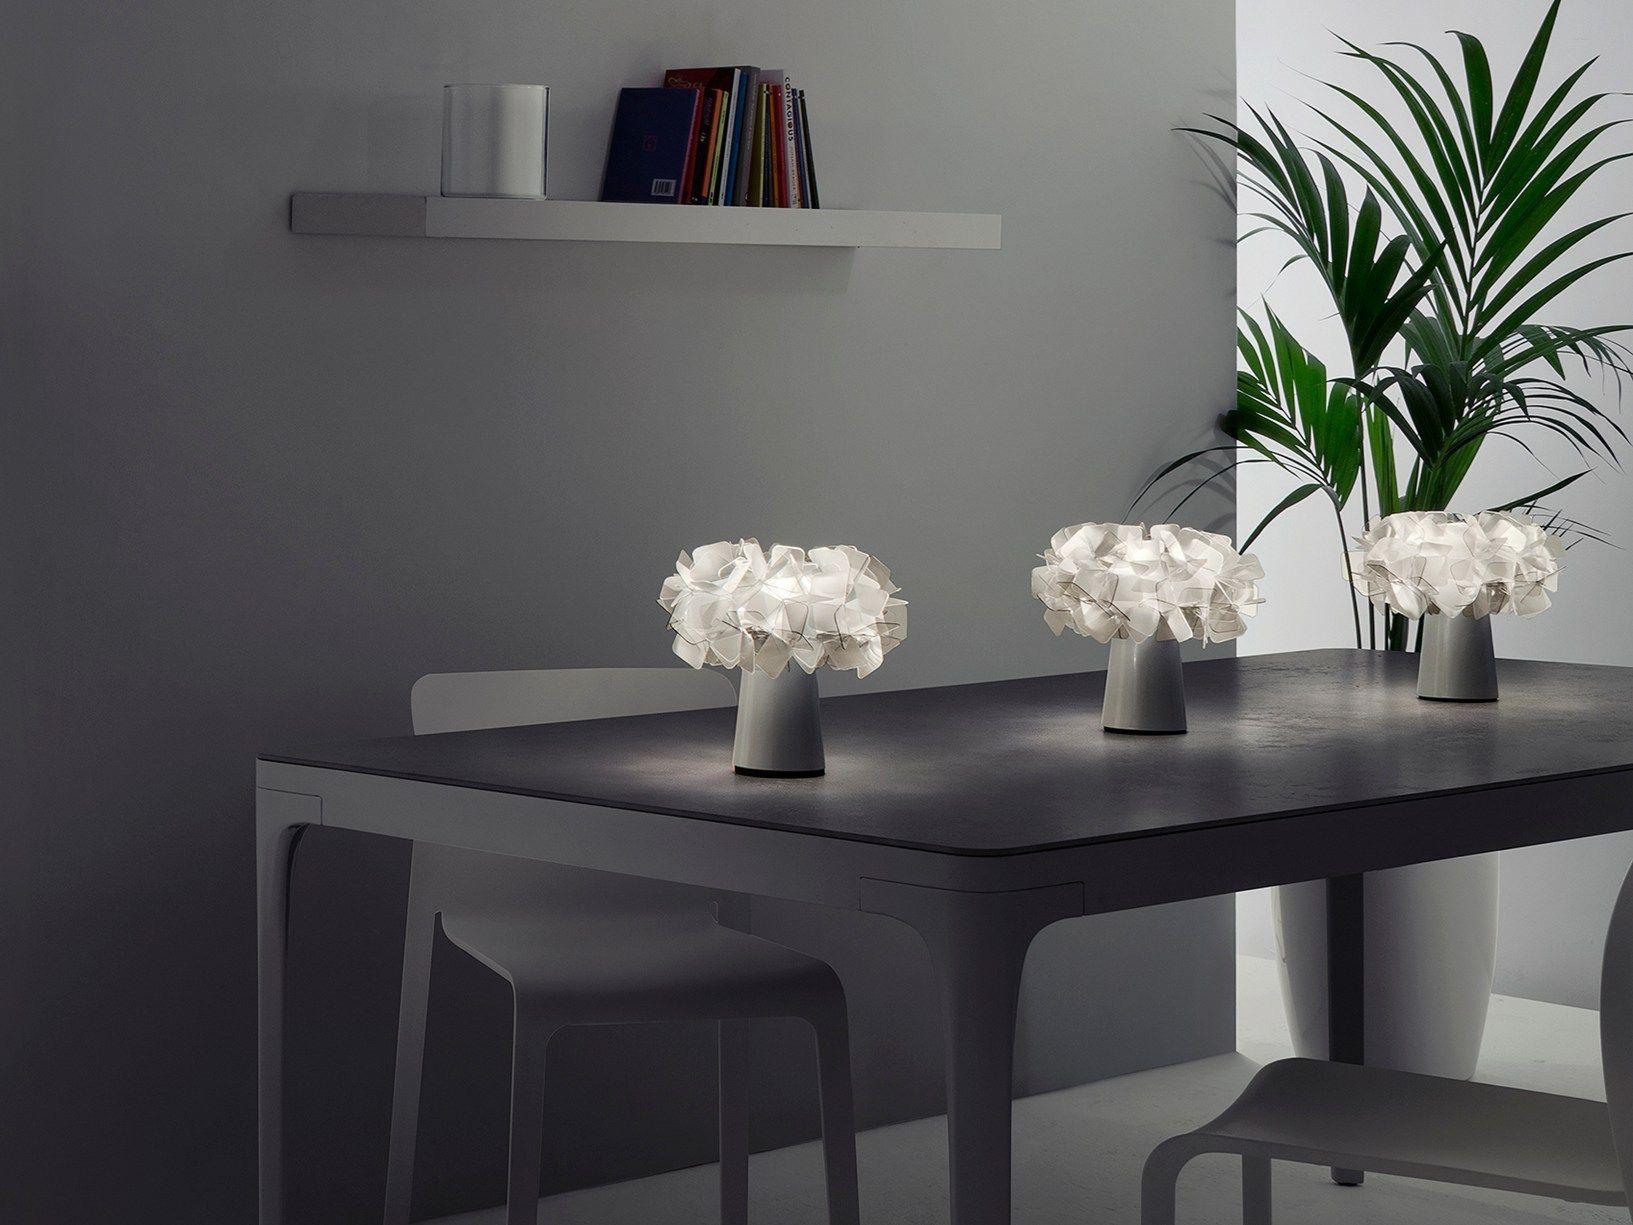 Un bouquet da tavolo luminoso e senza fili - Lampade da tavolo senza fili ...